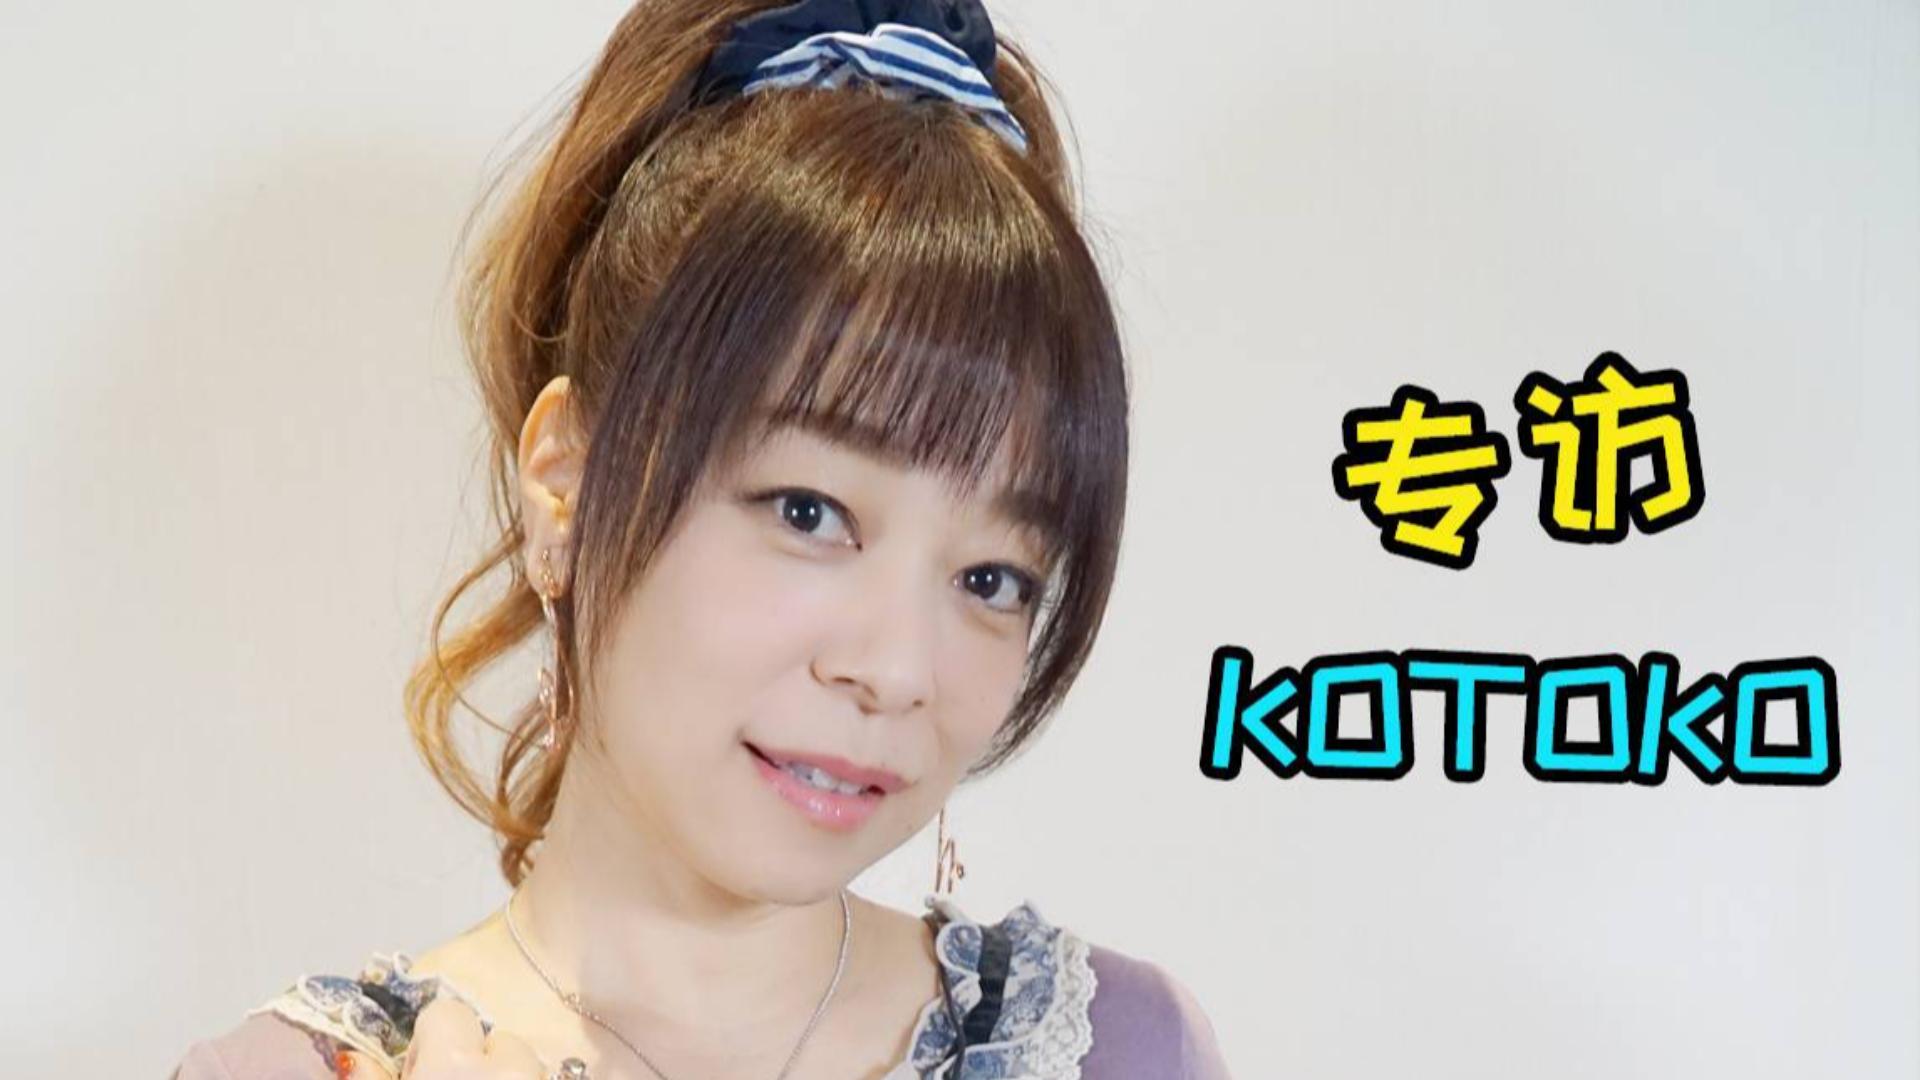 【橙心专访】她曾为加速世界和灼眼的夏娜献唱,前不久又被邀请来中国啦~专访KOTOKO